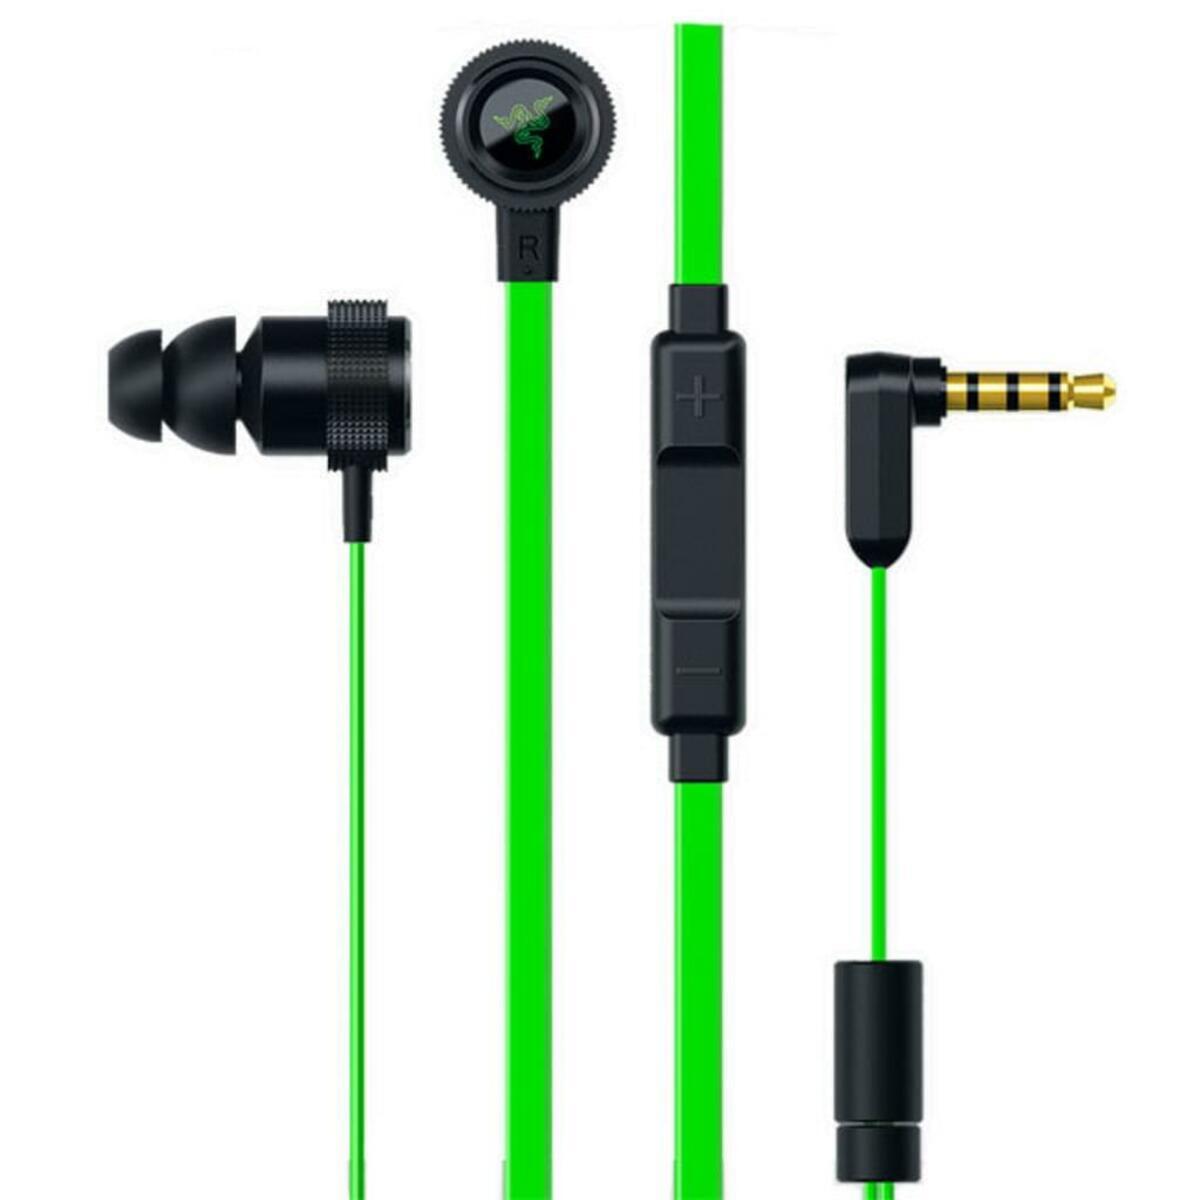 Bild 2 von Razer Hammerhead Pro V2 In Ear Headset 1,3m Kabel 10mm Treiber Fernbedienung